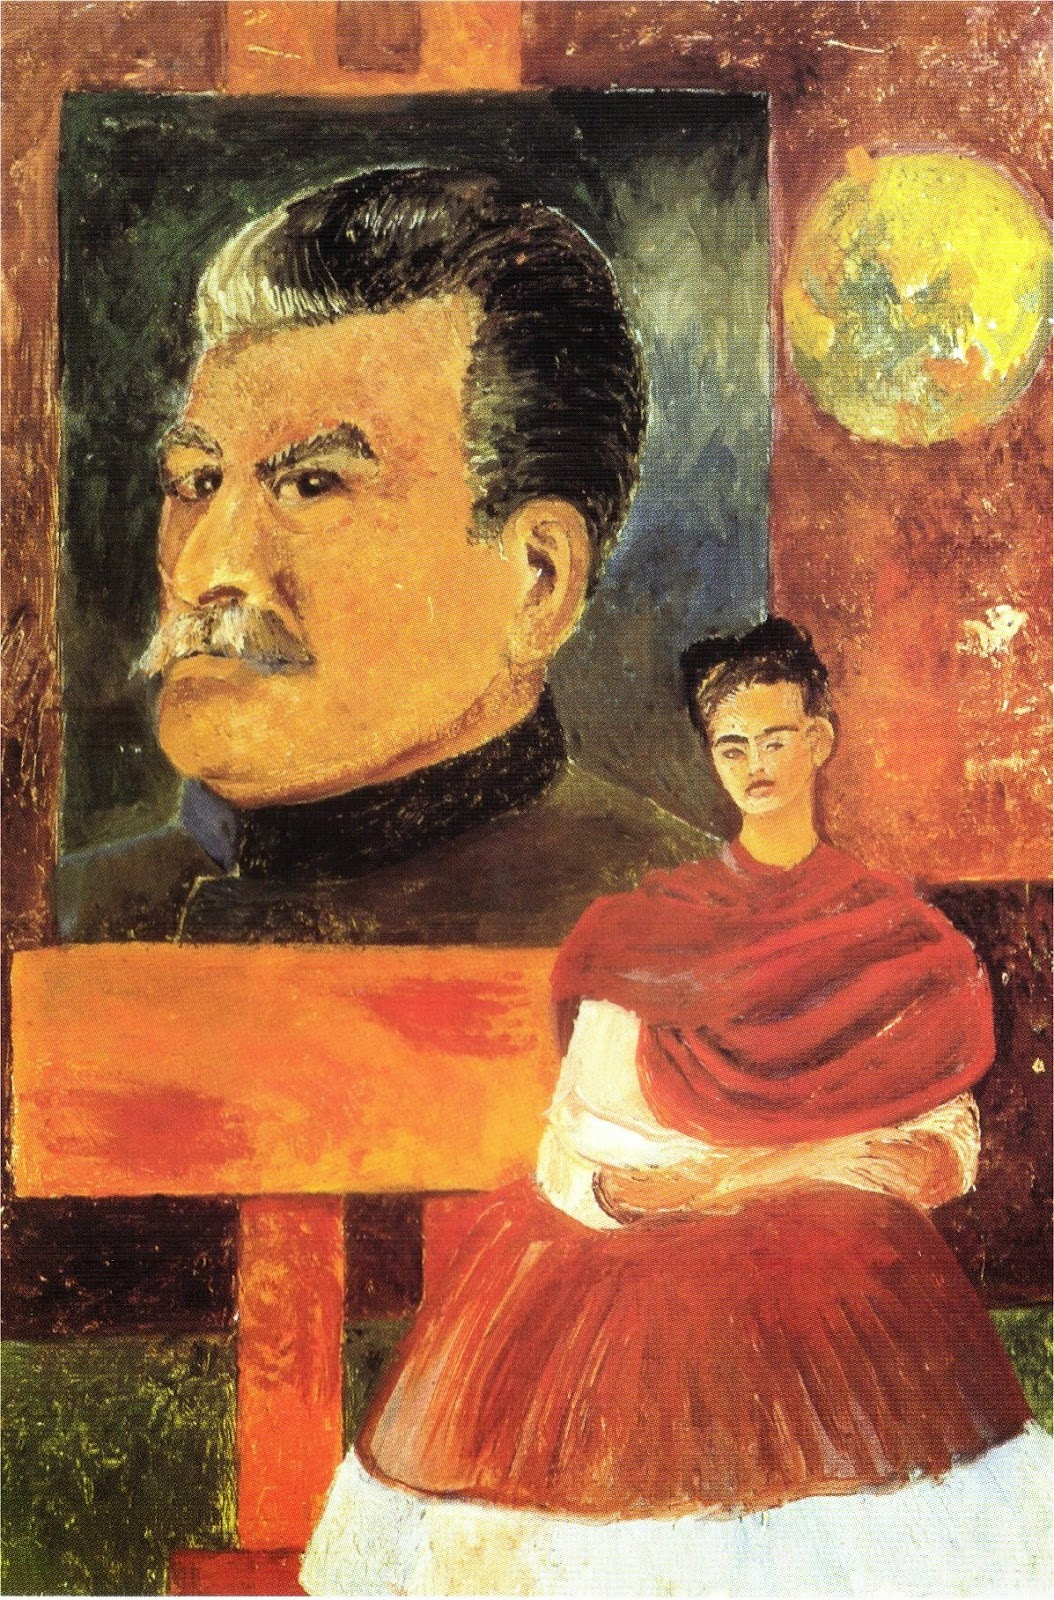 Autorretrato con Stalin, oleo sobre masonite, 1954